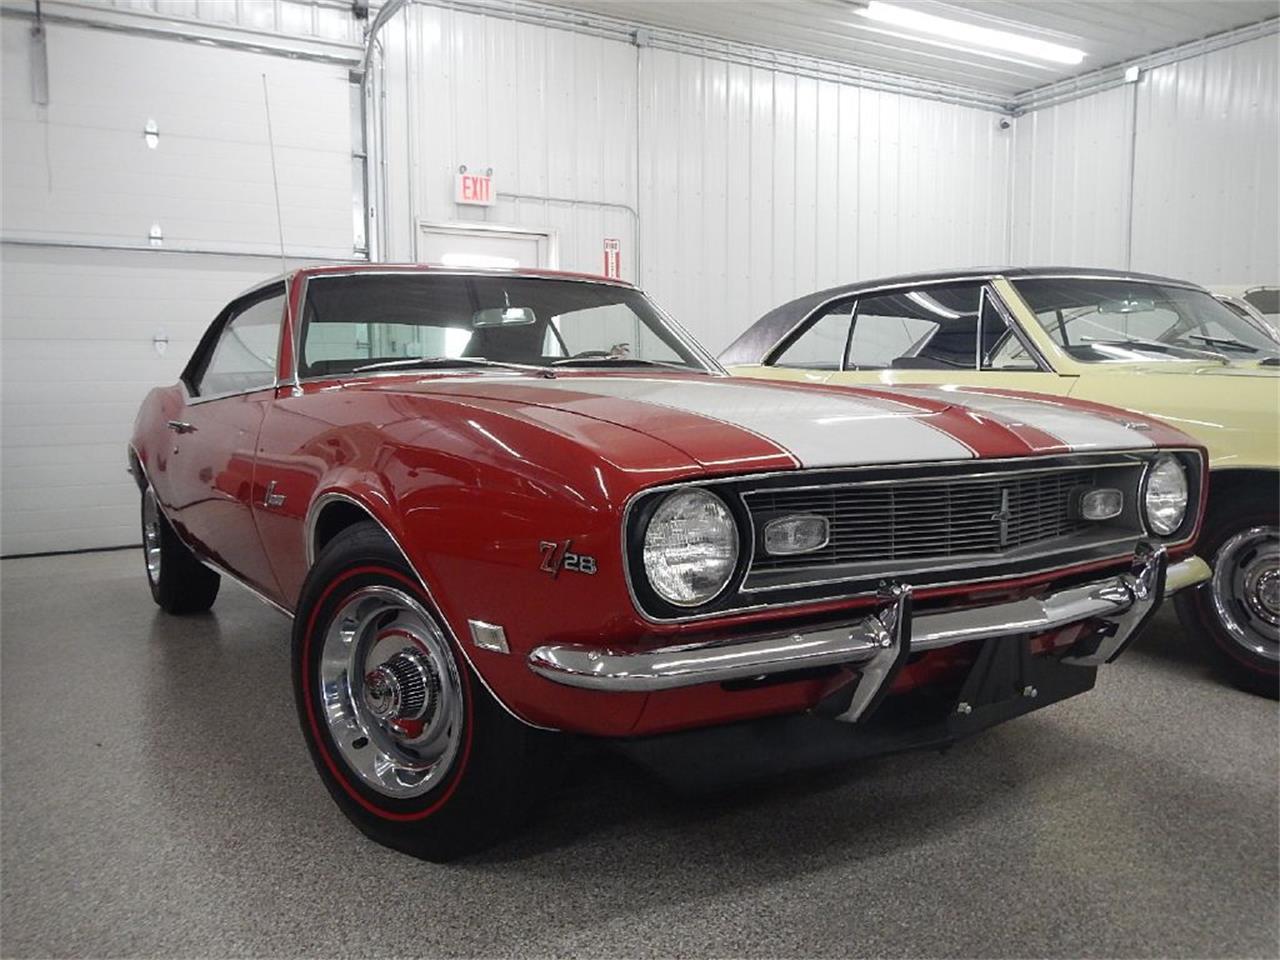 for sale 1968 chevrolet camaro z28 in celina, ohio cars - celina, oh at geebo